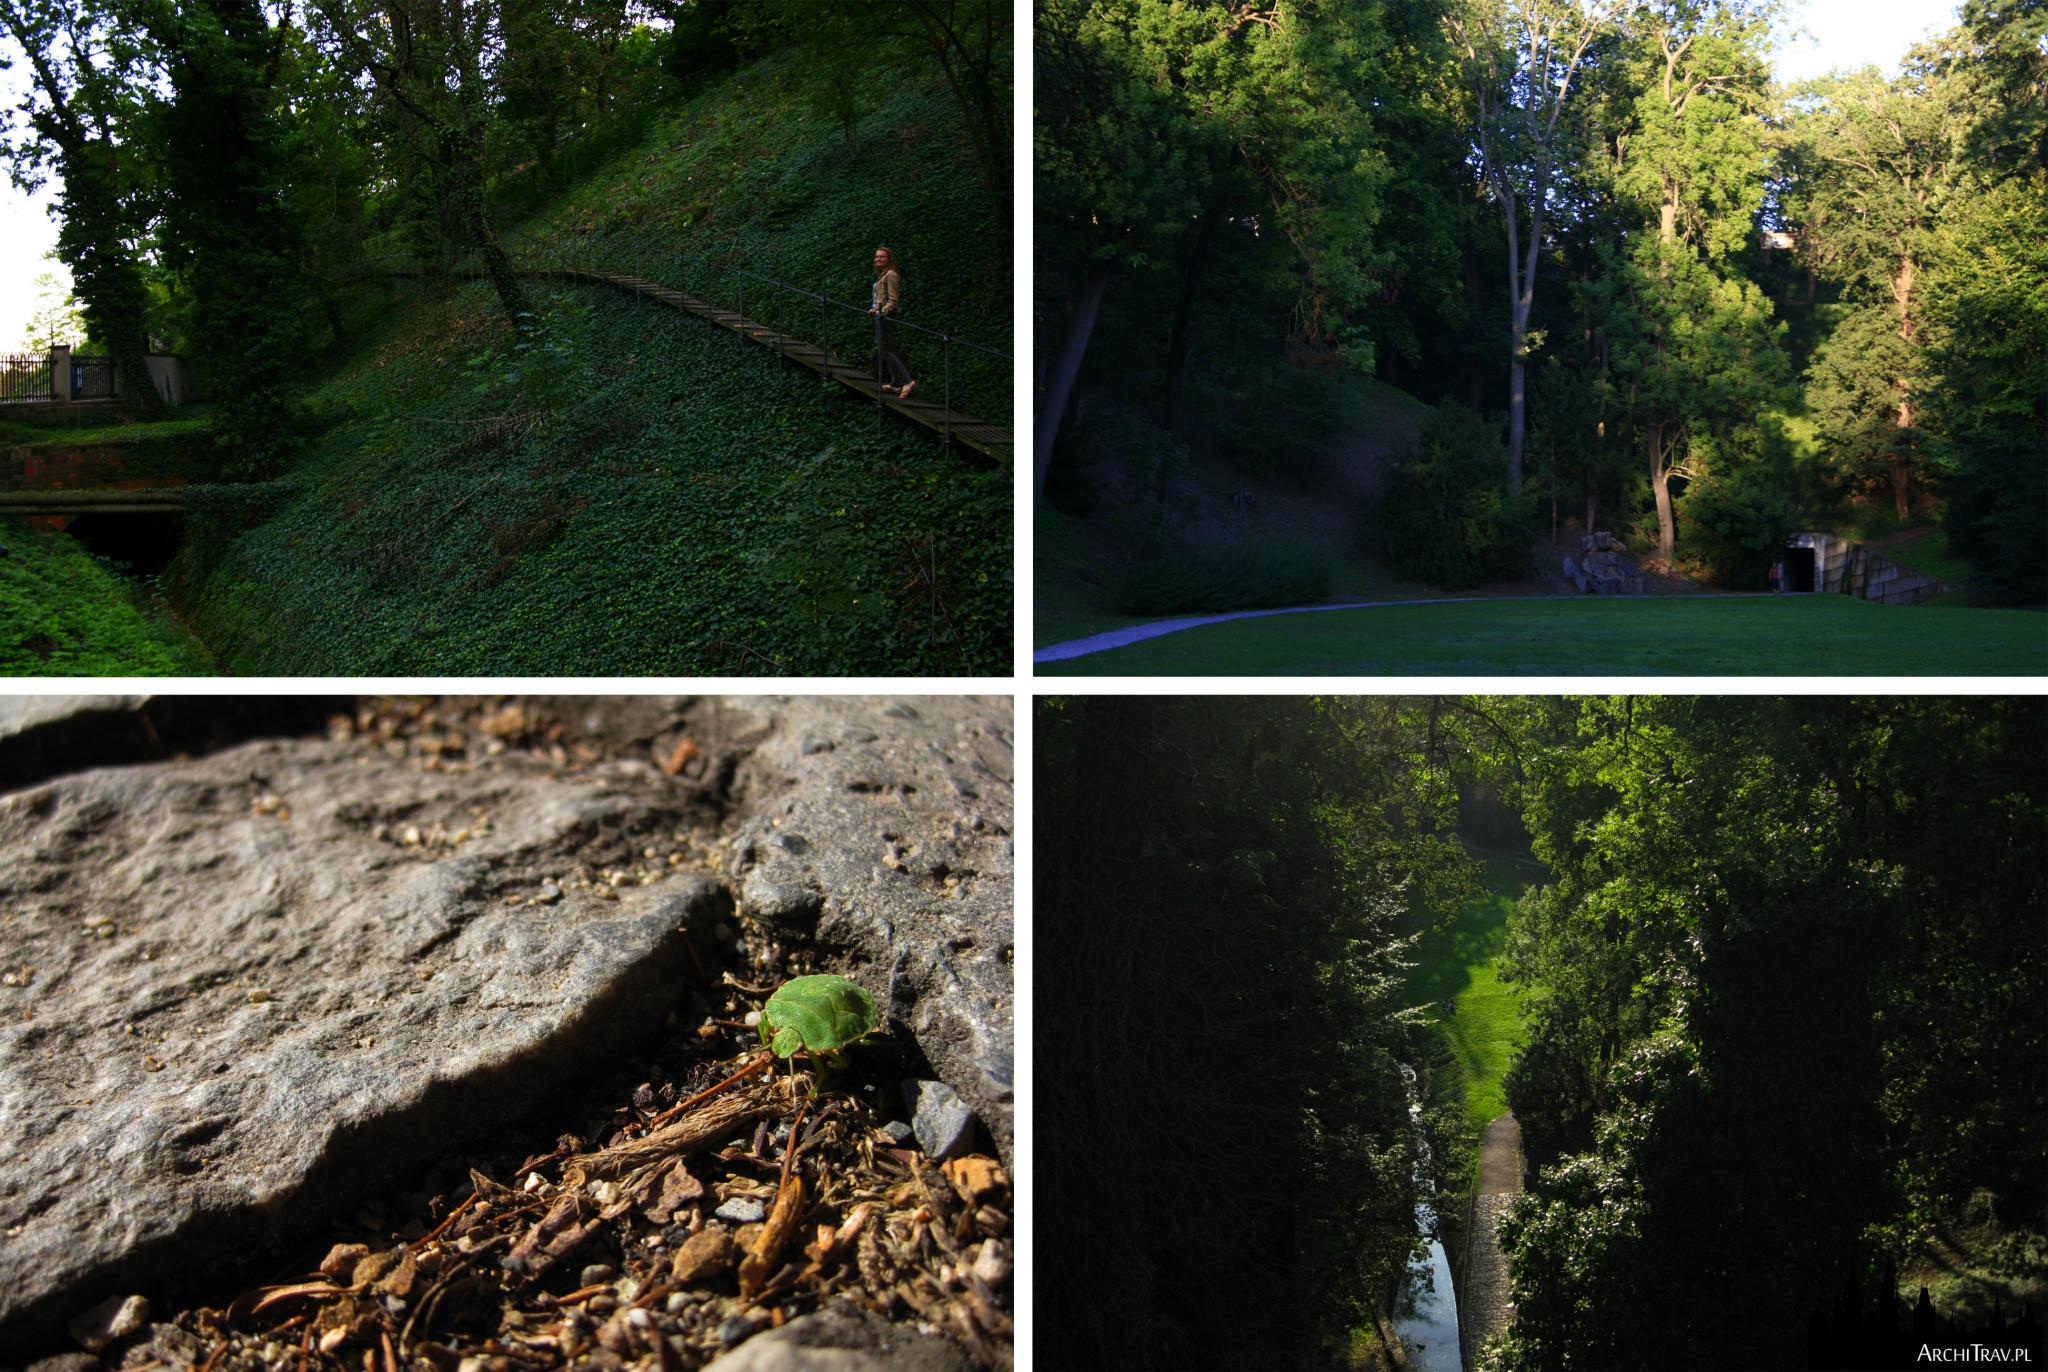 Jeleni Prikop - 4 zdjęcia, soczysta zieleń, spokój, słońce